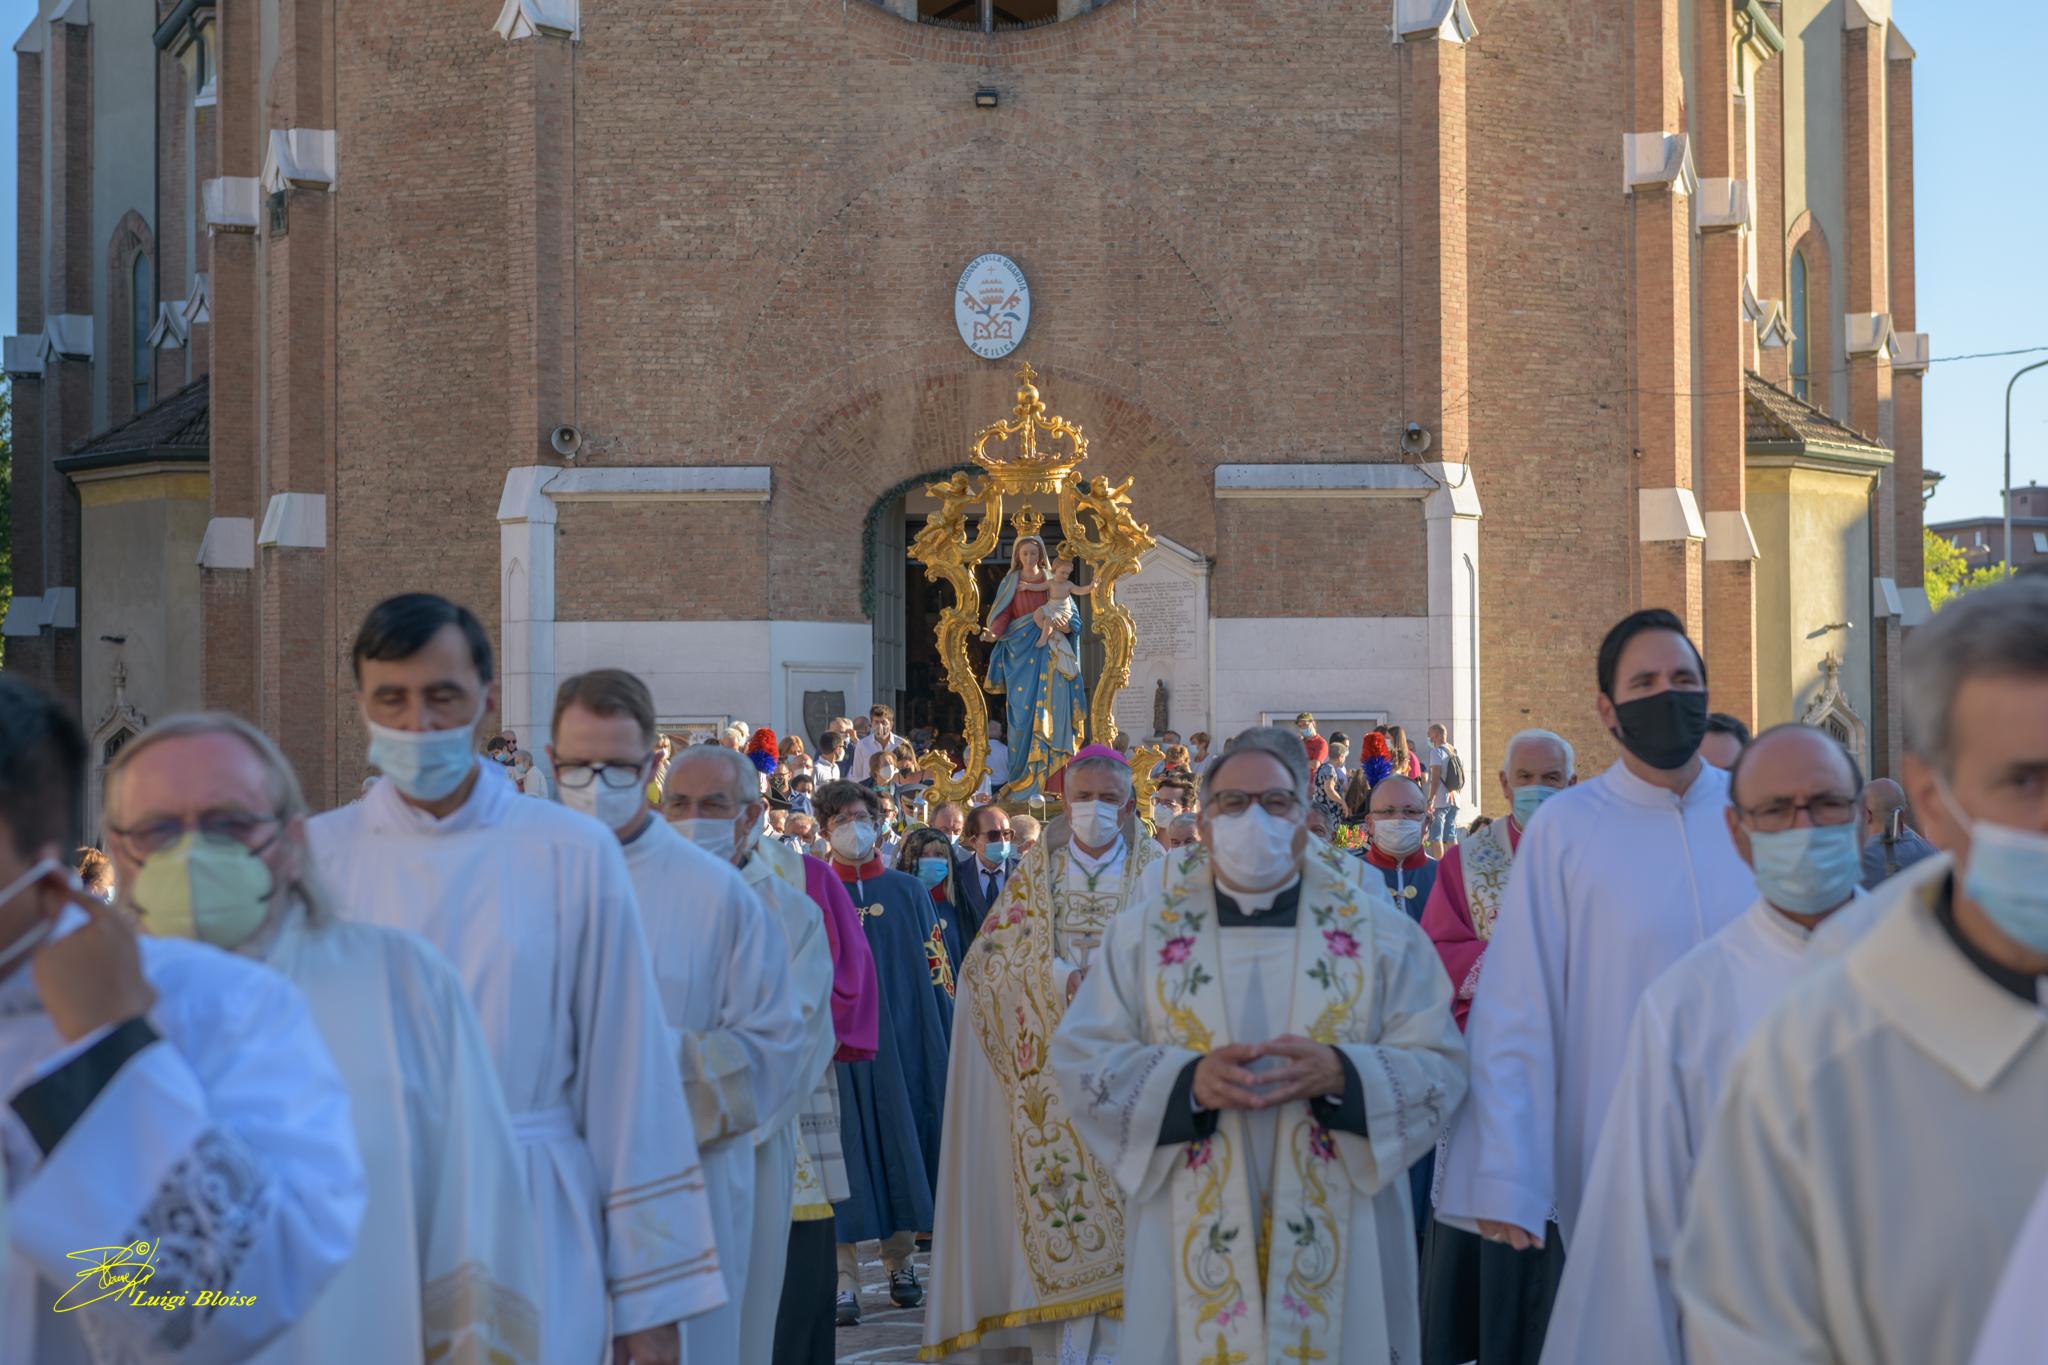 29-agosto-2021-Viola-17-e-processione-MdG-–-FOTO_mdg_-167